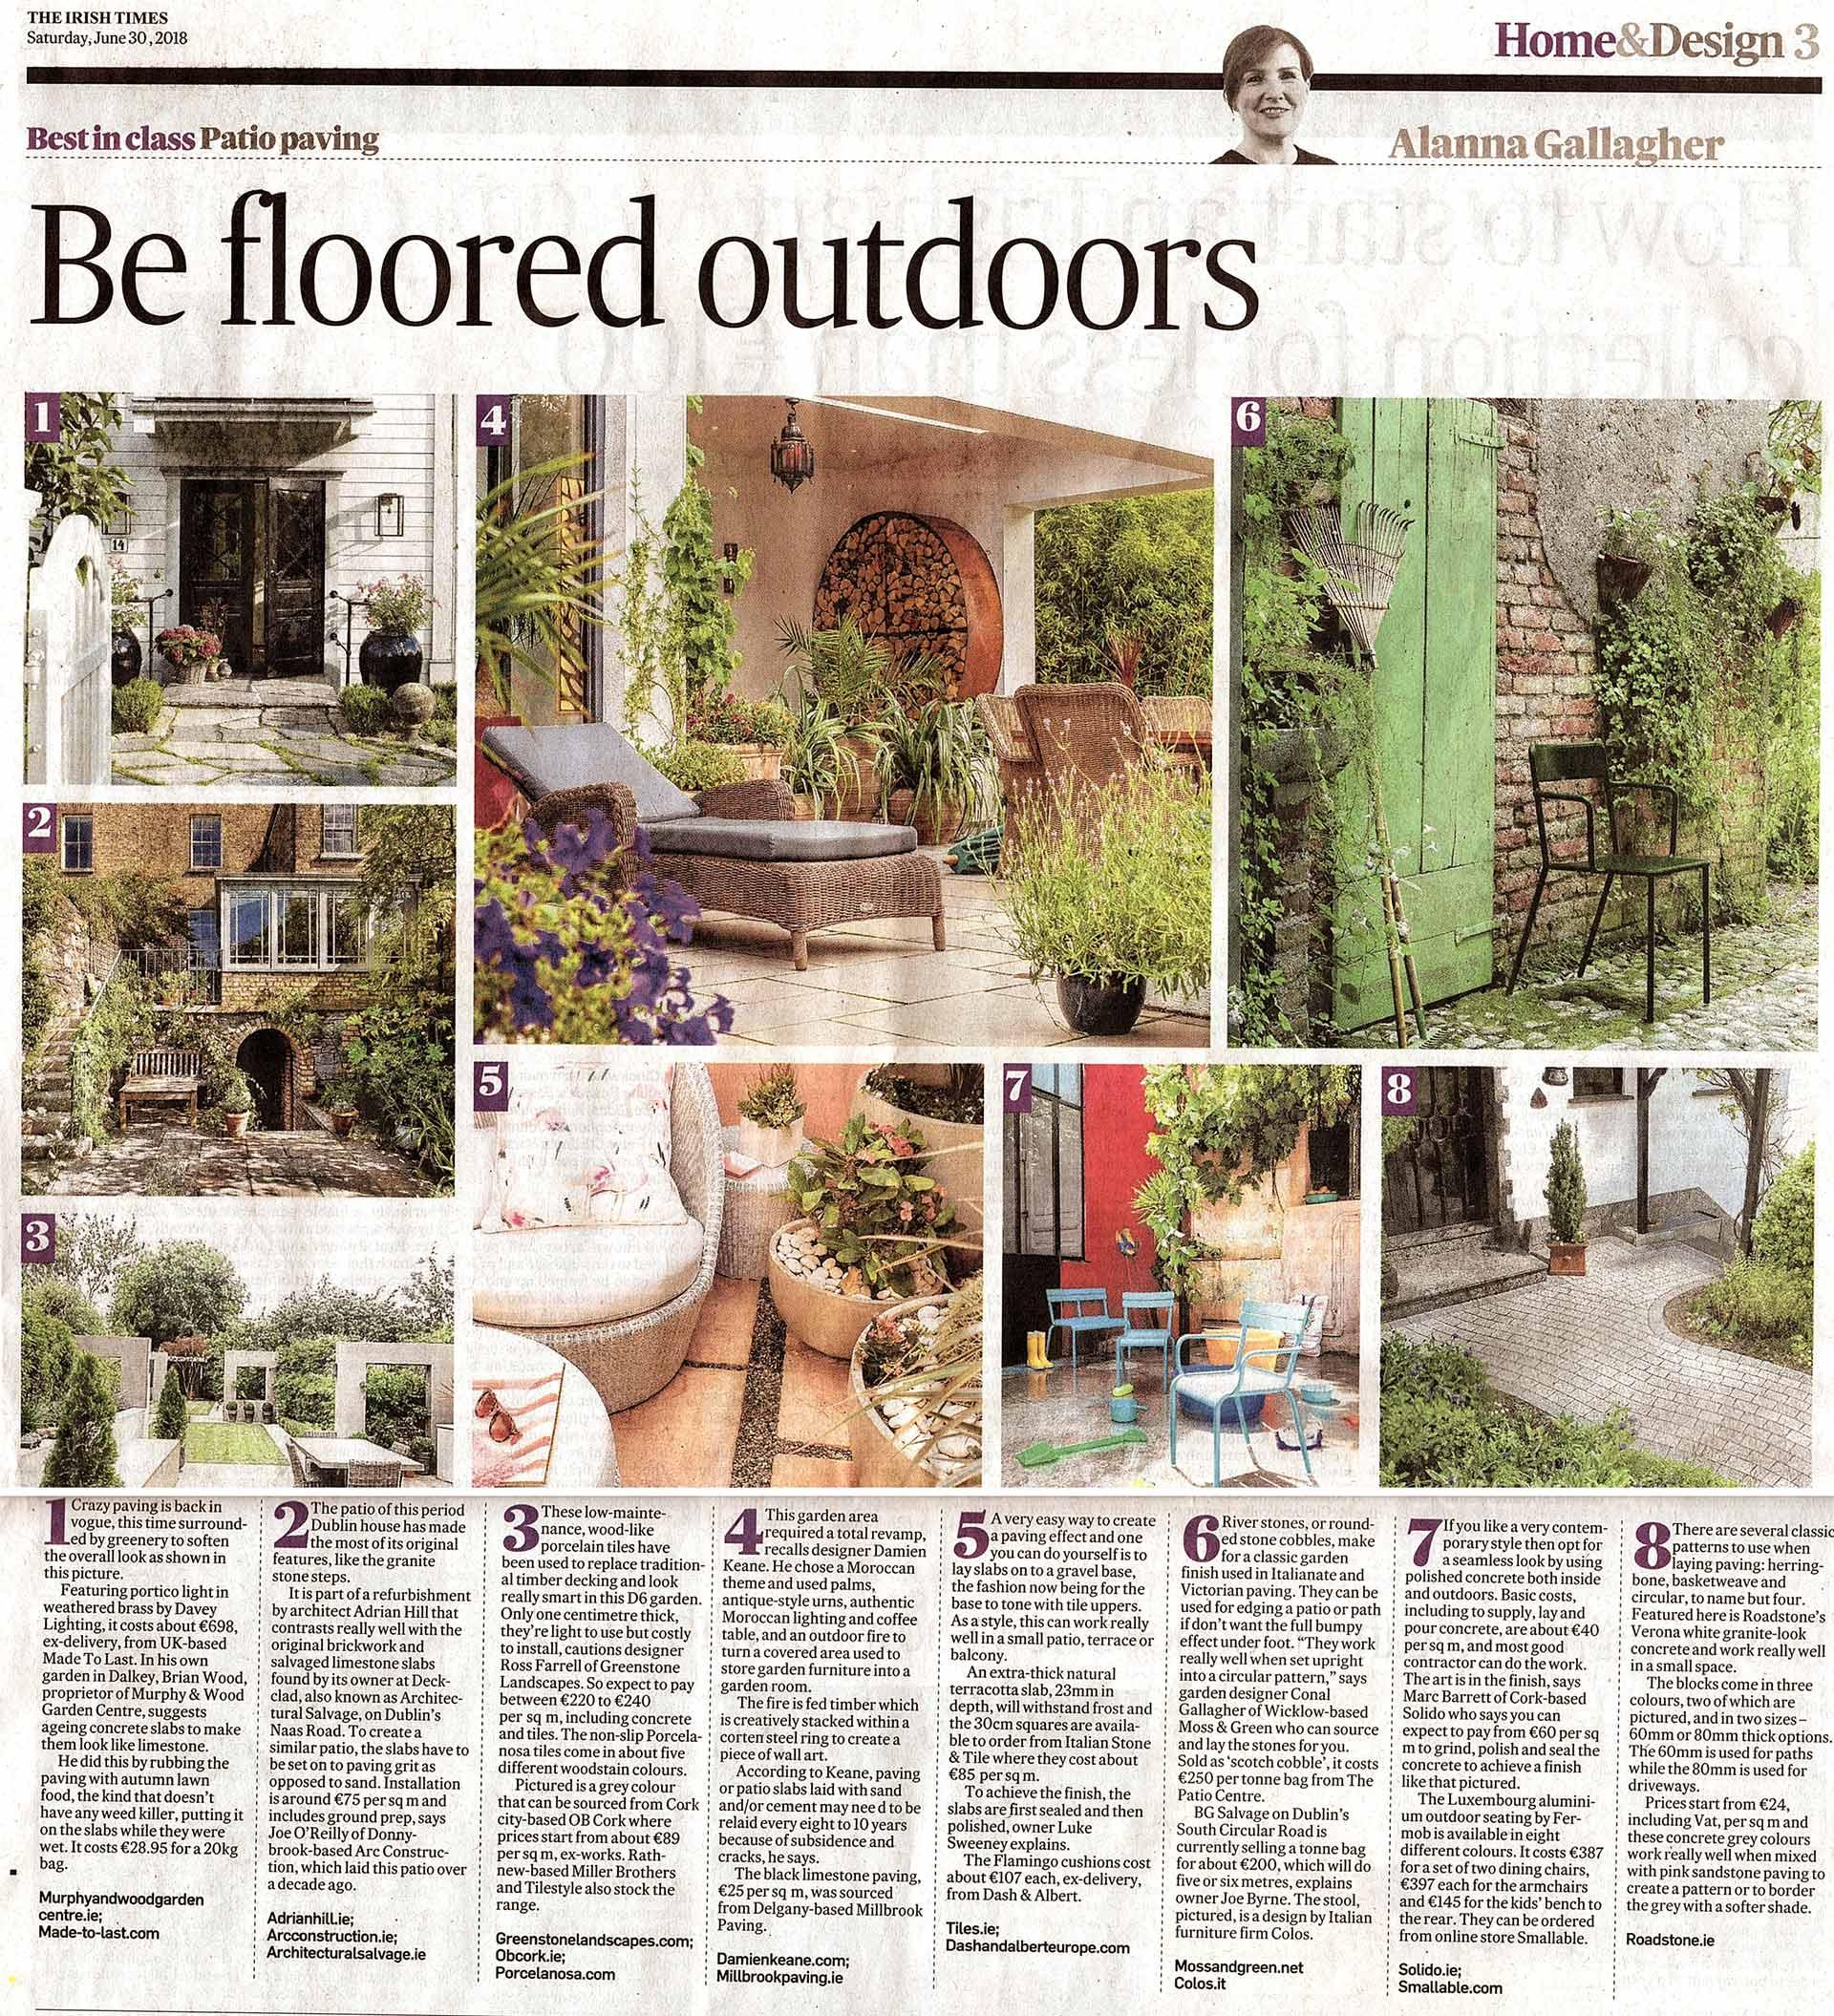 gardening story in the irish times June 29th 2018